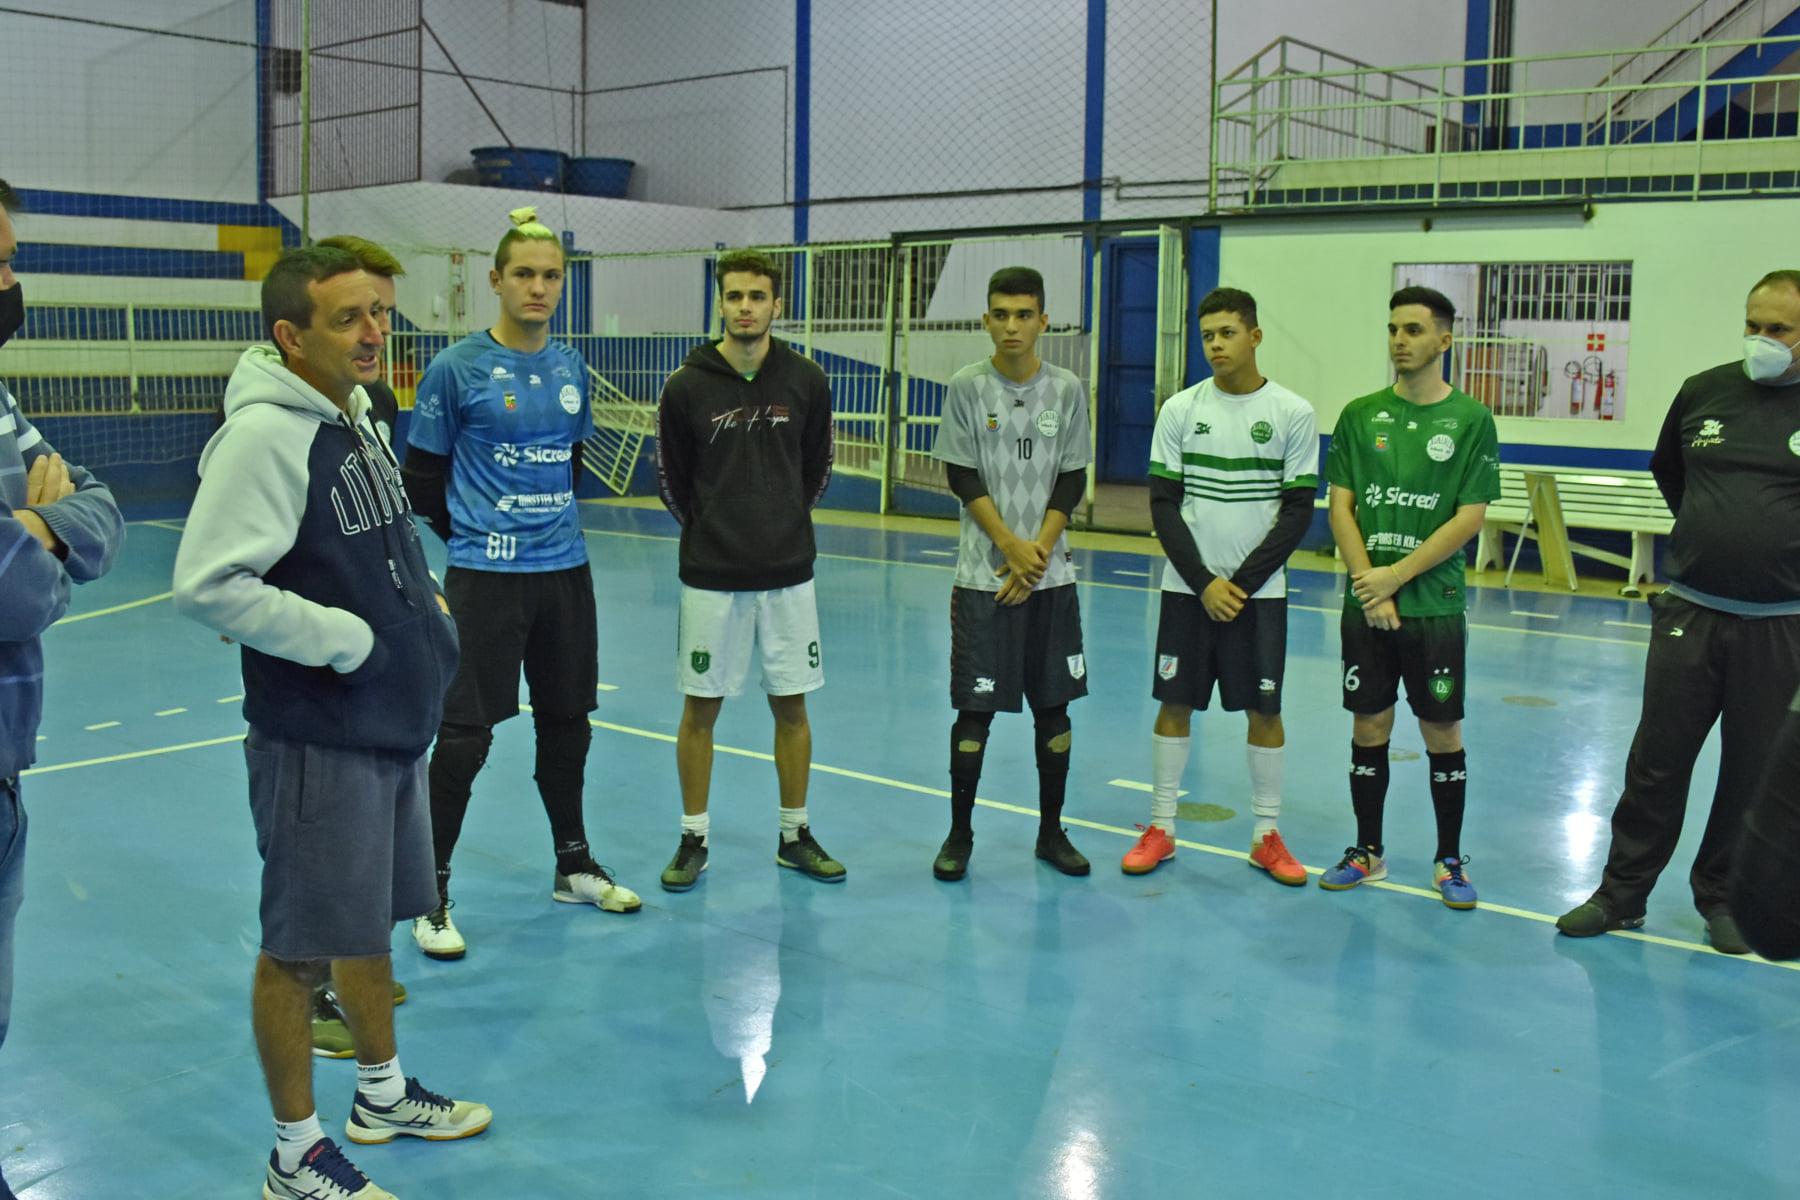 SASE de Selbach inicia na próxima semana treinos para a temporada 2021